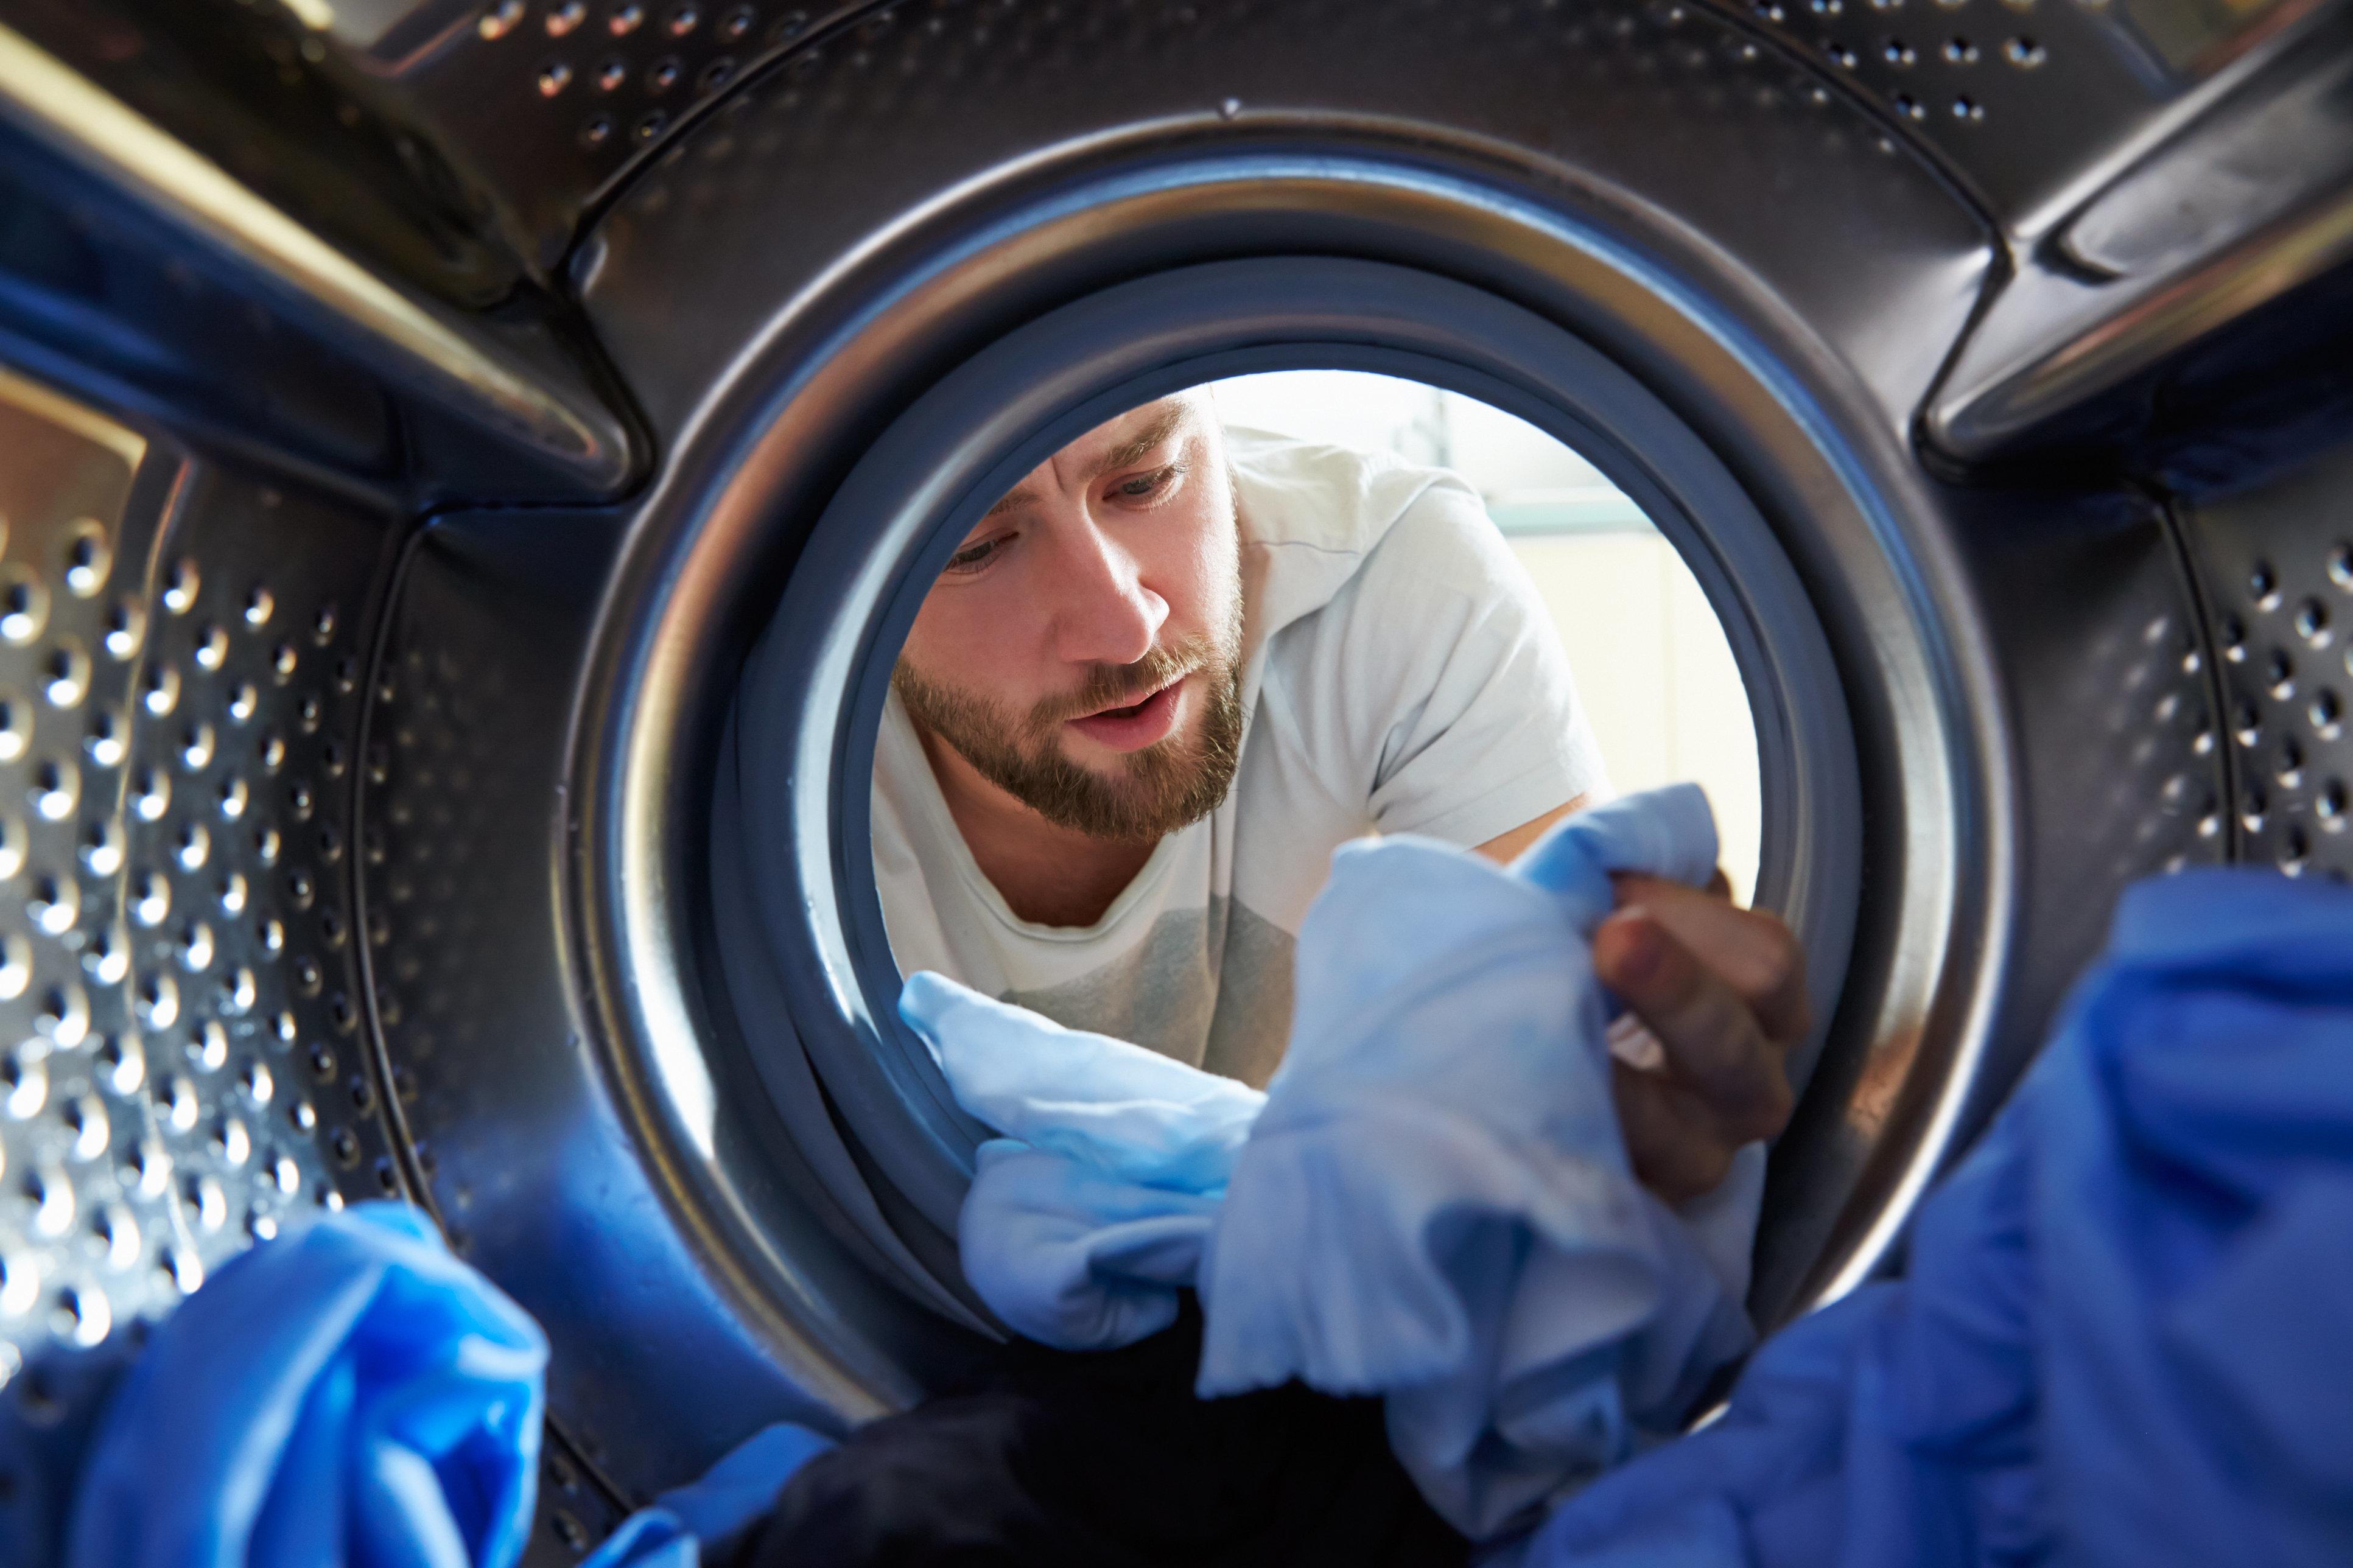 Θέλει το πλυντήριο πλύσιμο; Αν μυρίζουν τα ρούχα σας, τότε